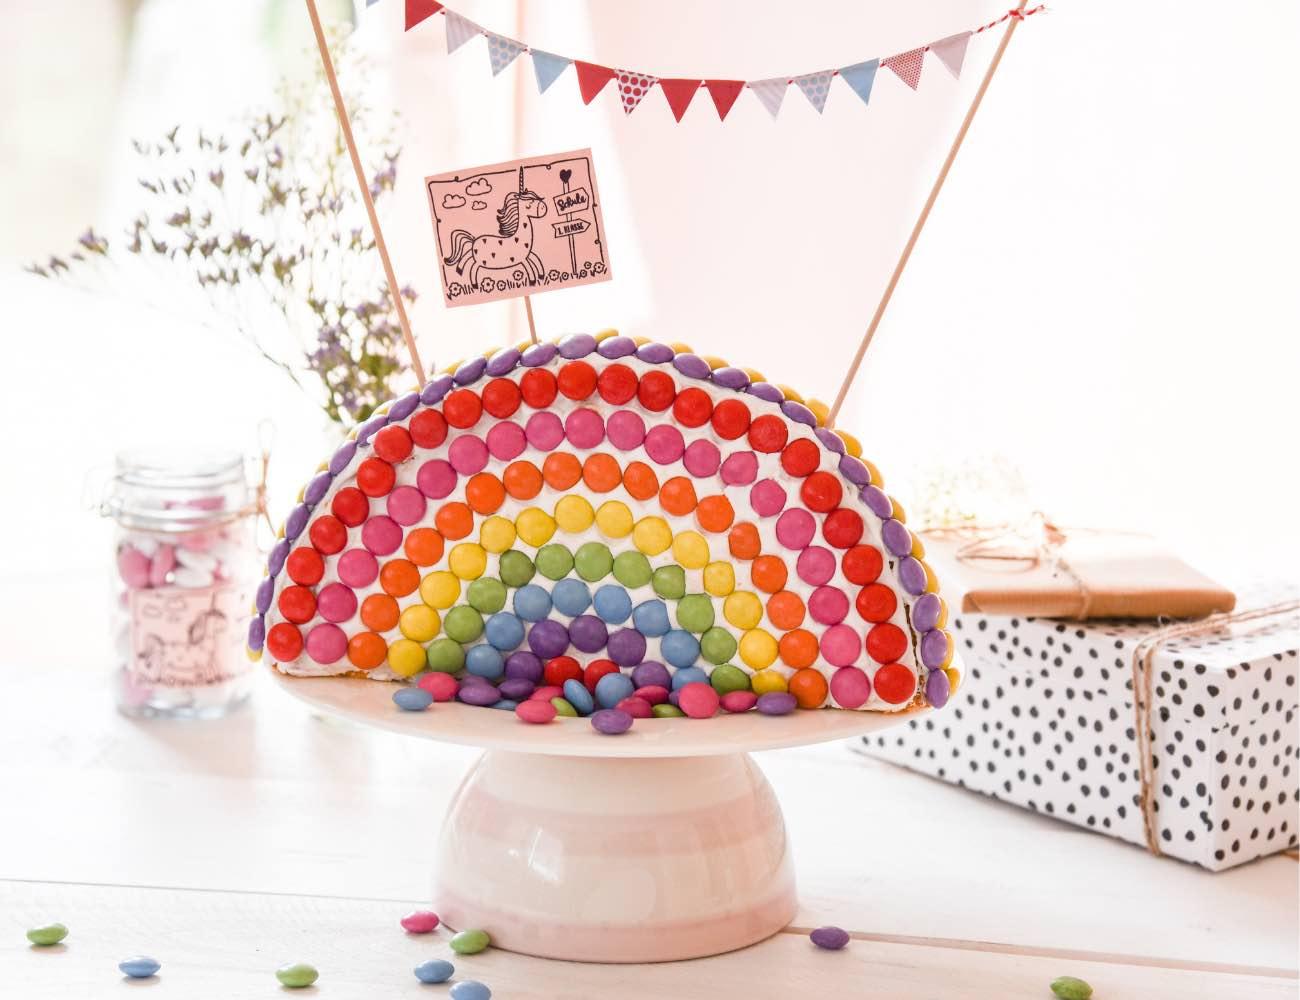 Regenbogen Kuchen zur Einschulung mit Kuchen Topper. DIY Einhorn Kuchenstecker / Cake Topper für den Regenbogenkuchen zur Einschulung.